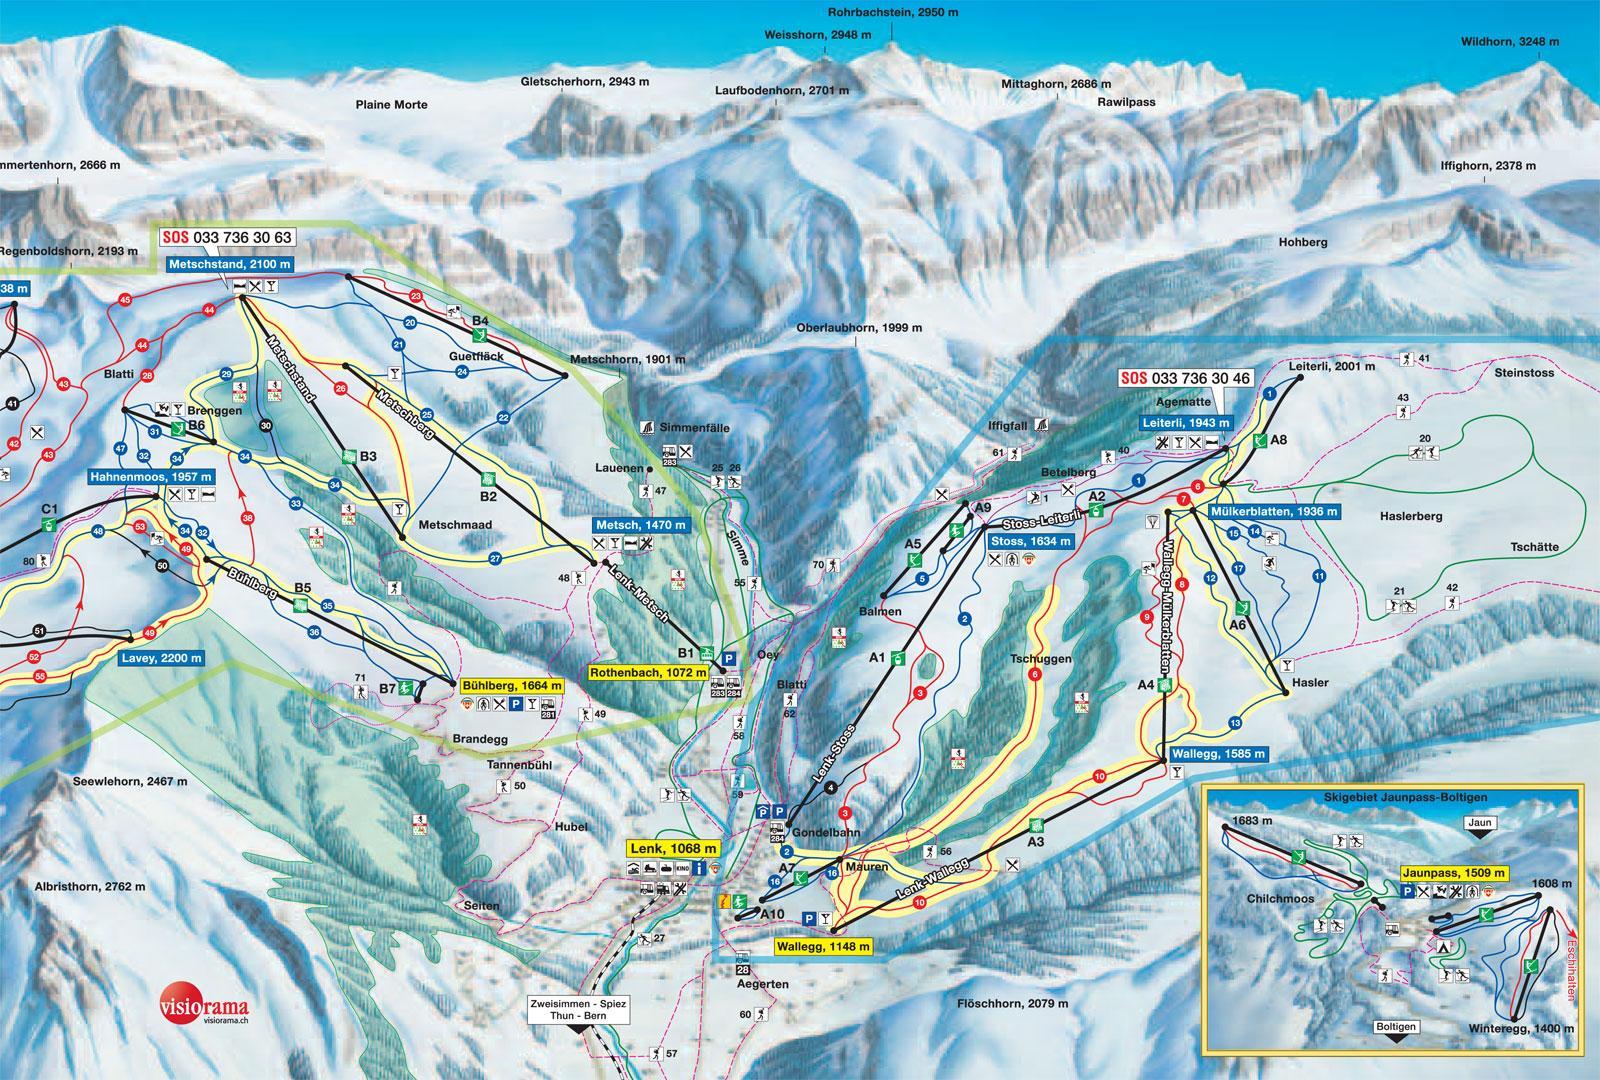 Lenk Piste Map J2Ski